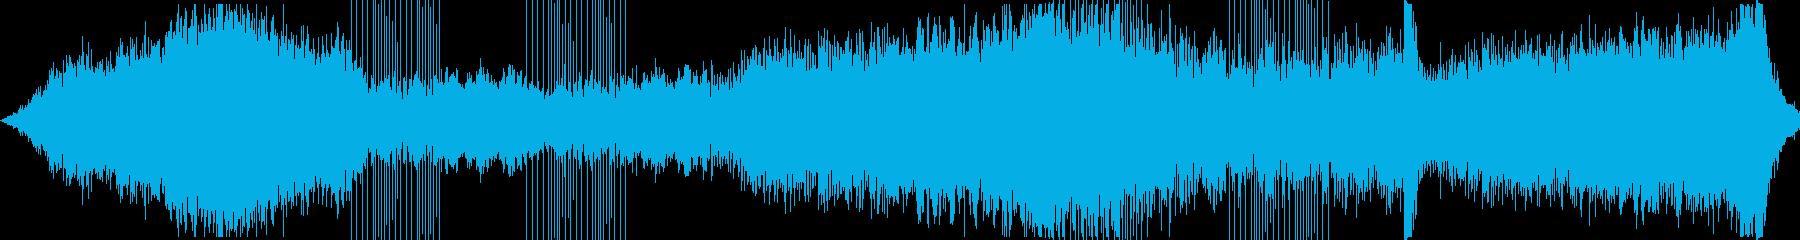 ダークファンタジーなアンビエントテクノの再生済みの波形